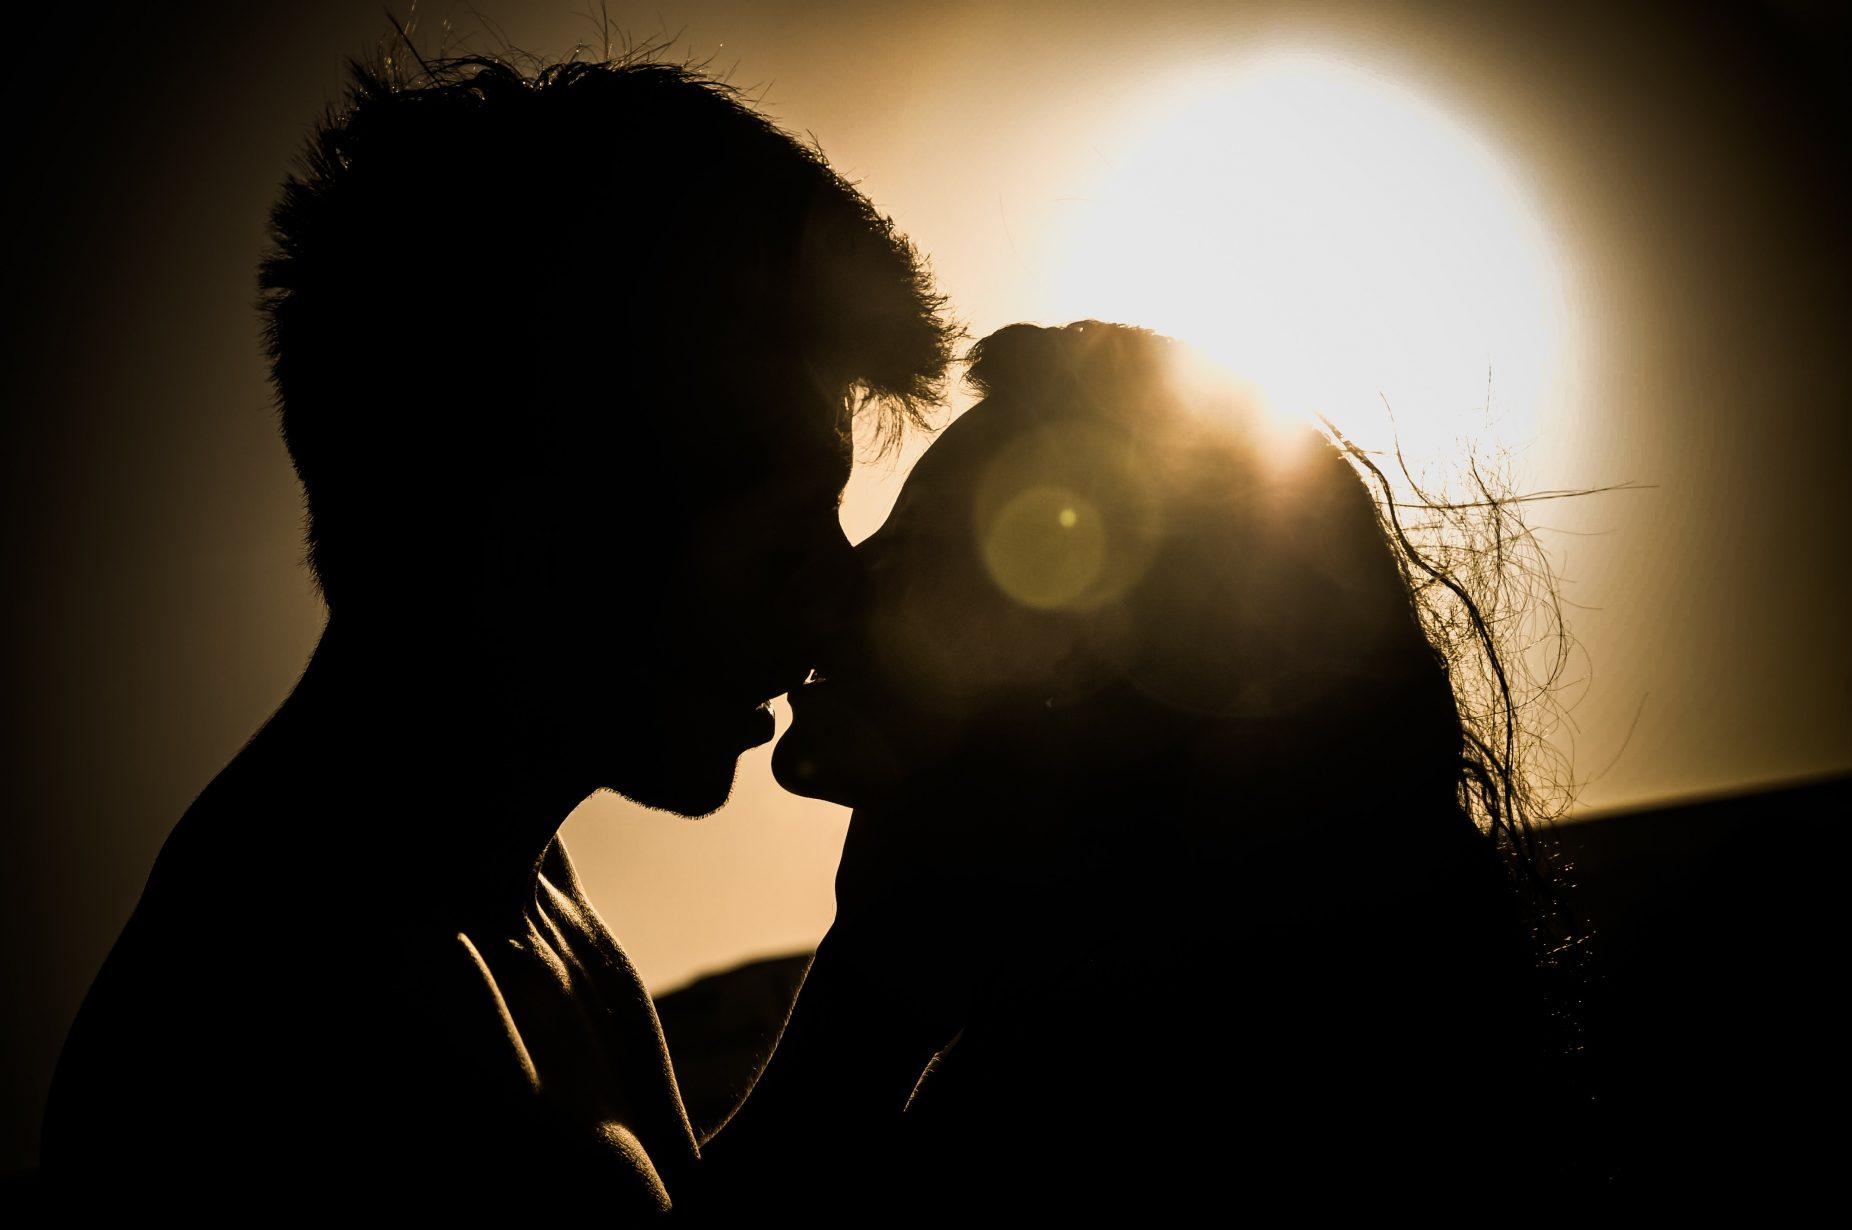 attachment-couple-dark-41068